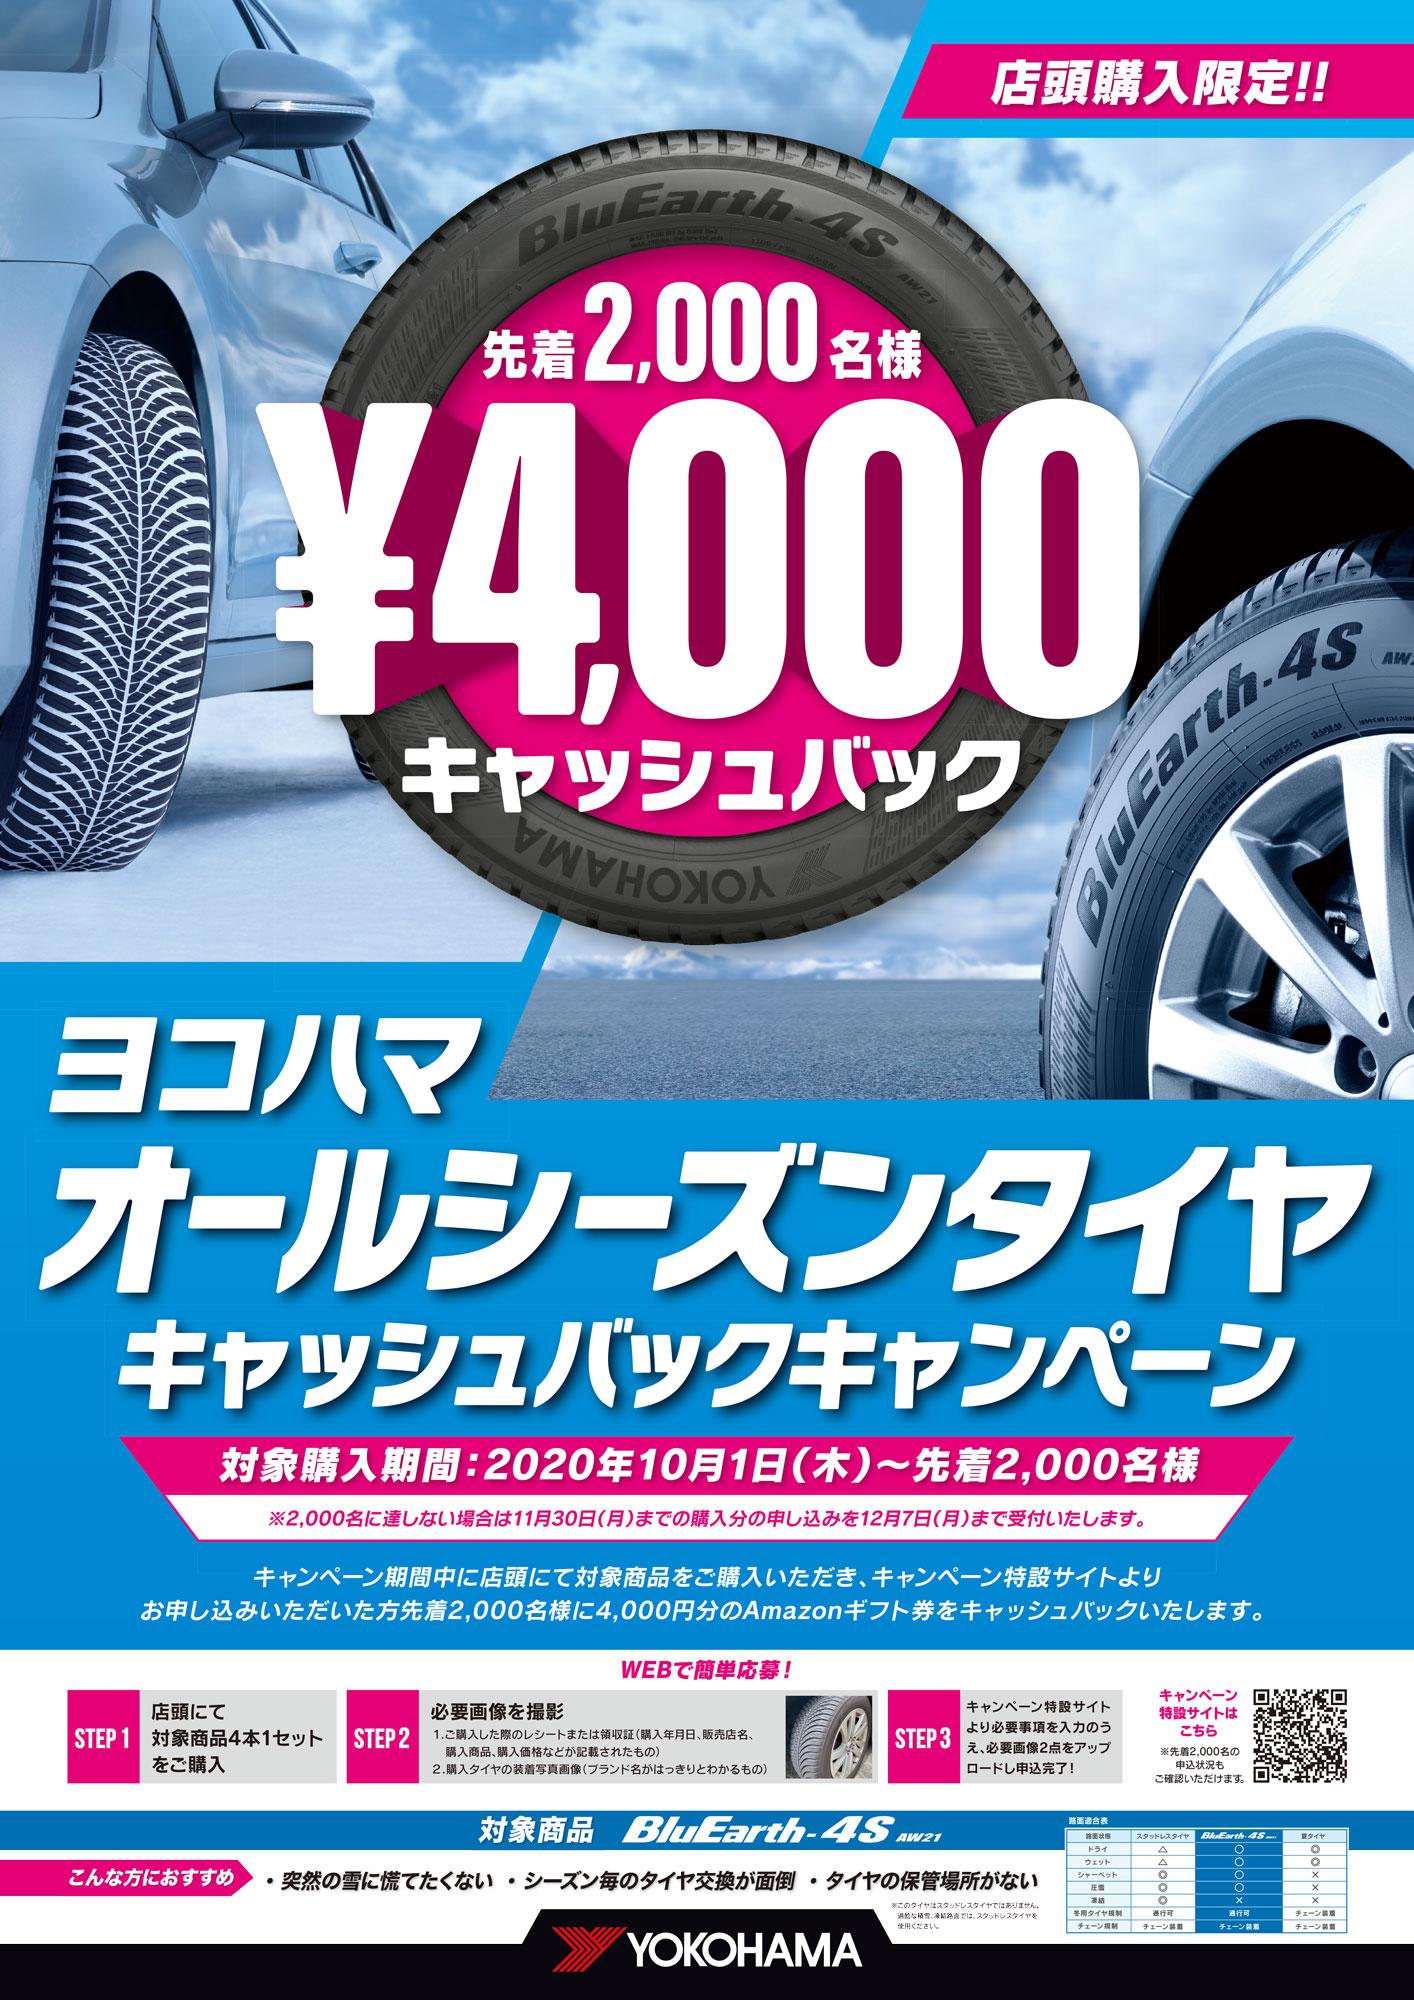 オールシーズンタイヤを買うと先着2000名にキャッシュバック『ヨコハマオールシーズンタイヤキャッシュバックキャンペーン』